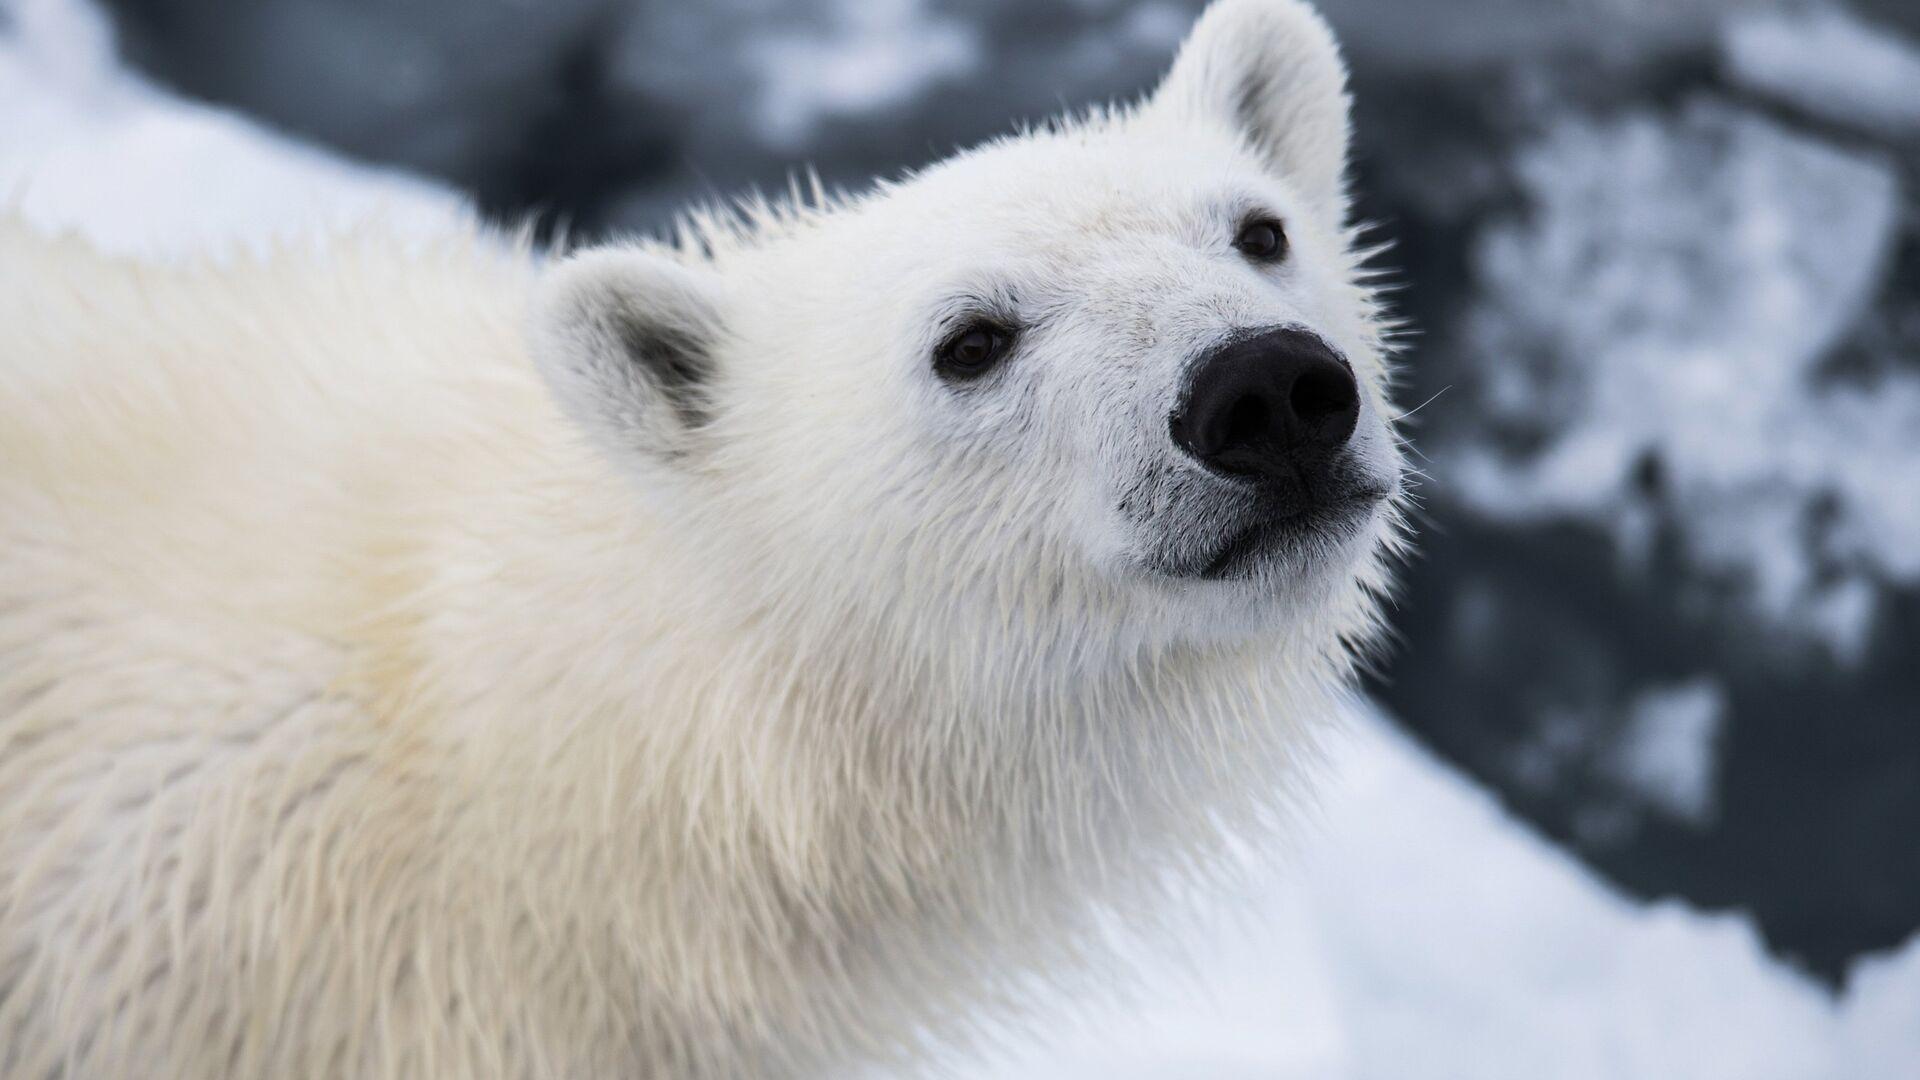 Белый медвежонок в районе архипелага Земля Франца Иосифа в Баренцевом море - РИА Новости, 1920, 29.09.2021